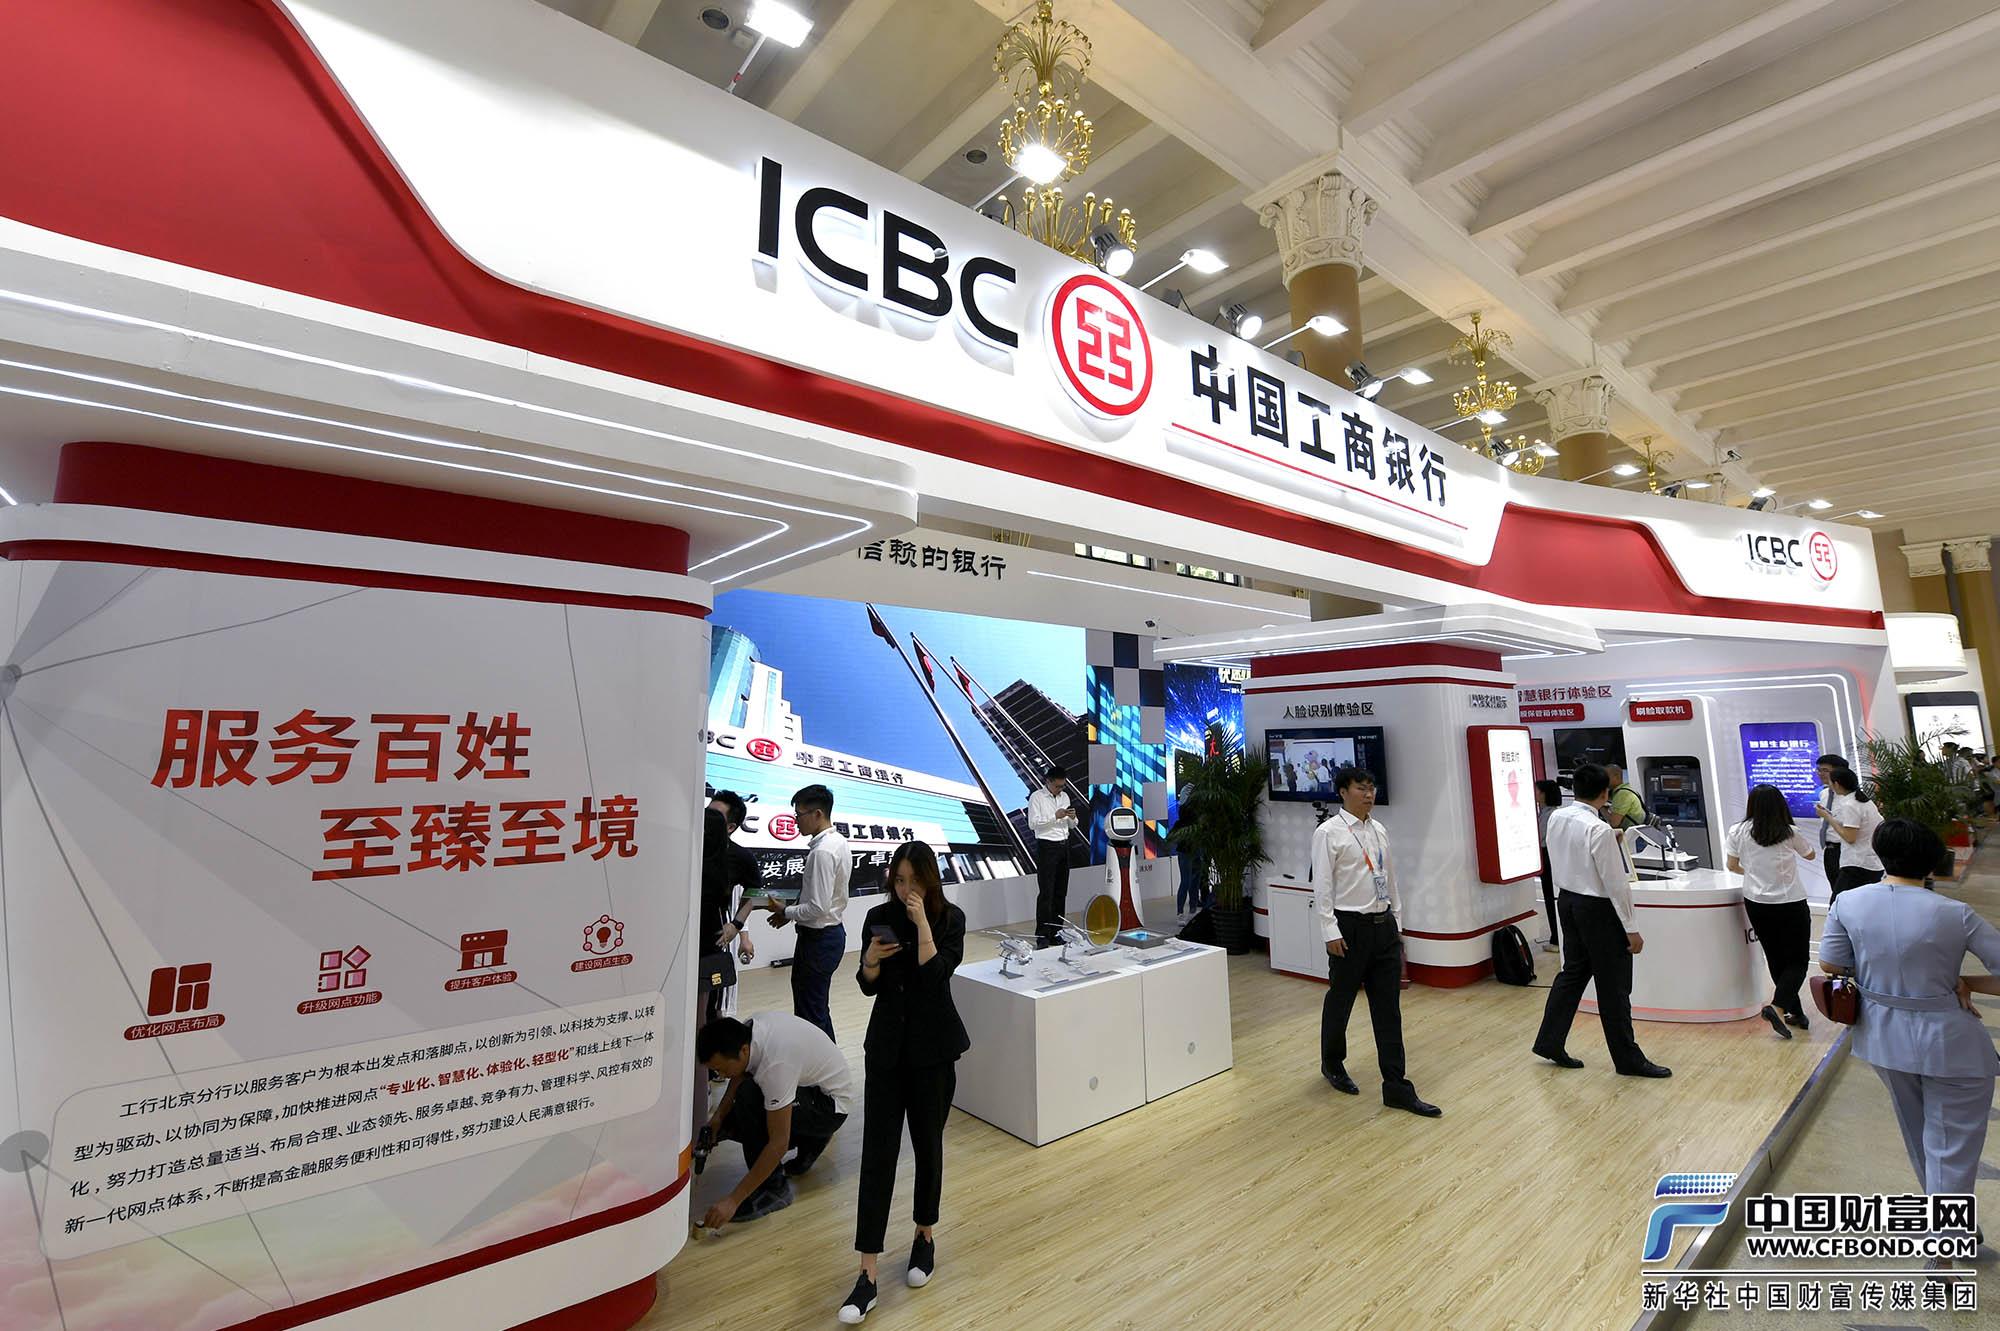 中国工商银行展台